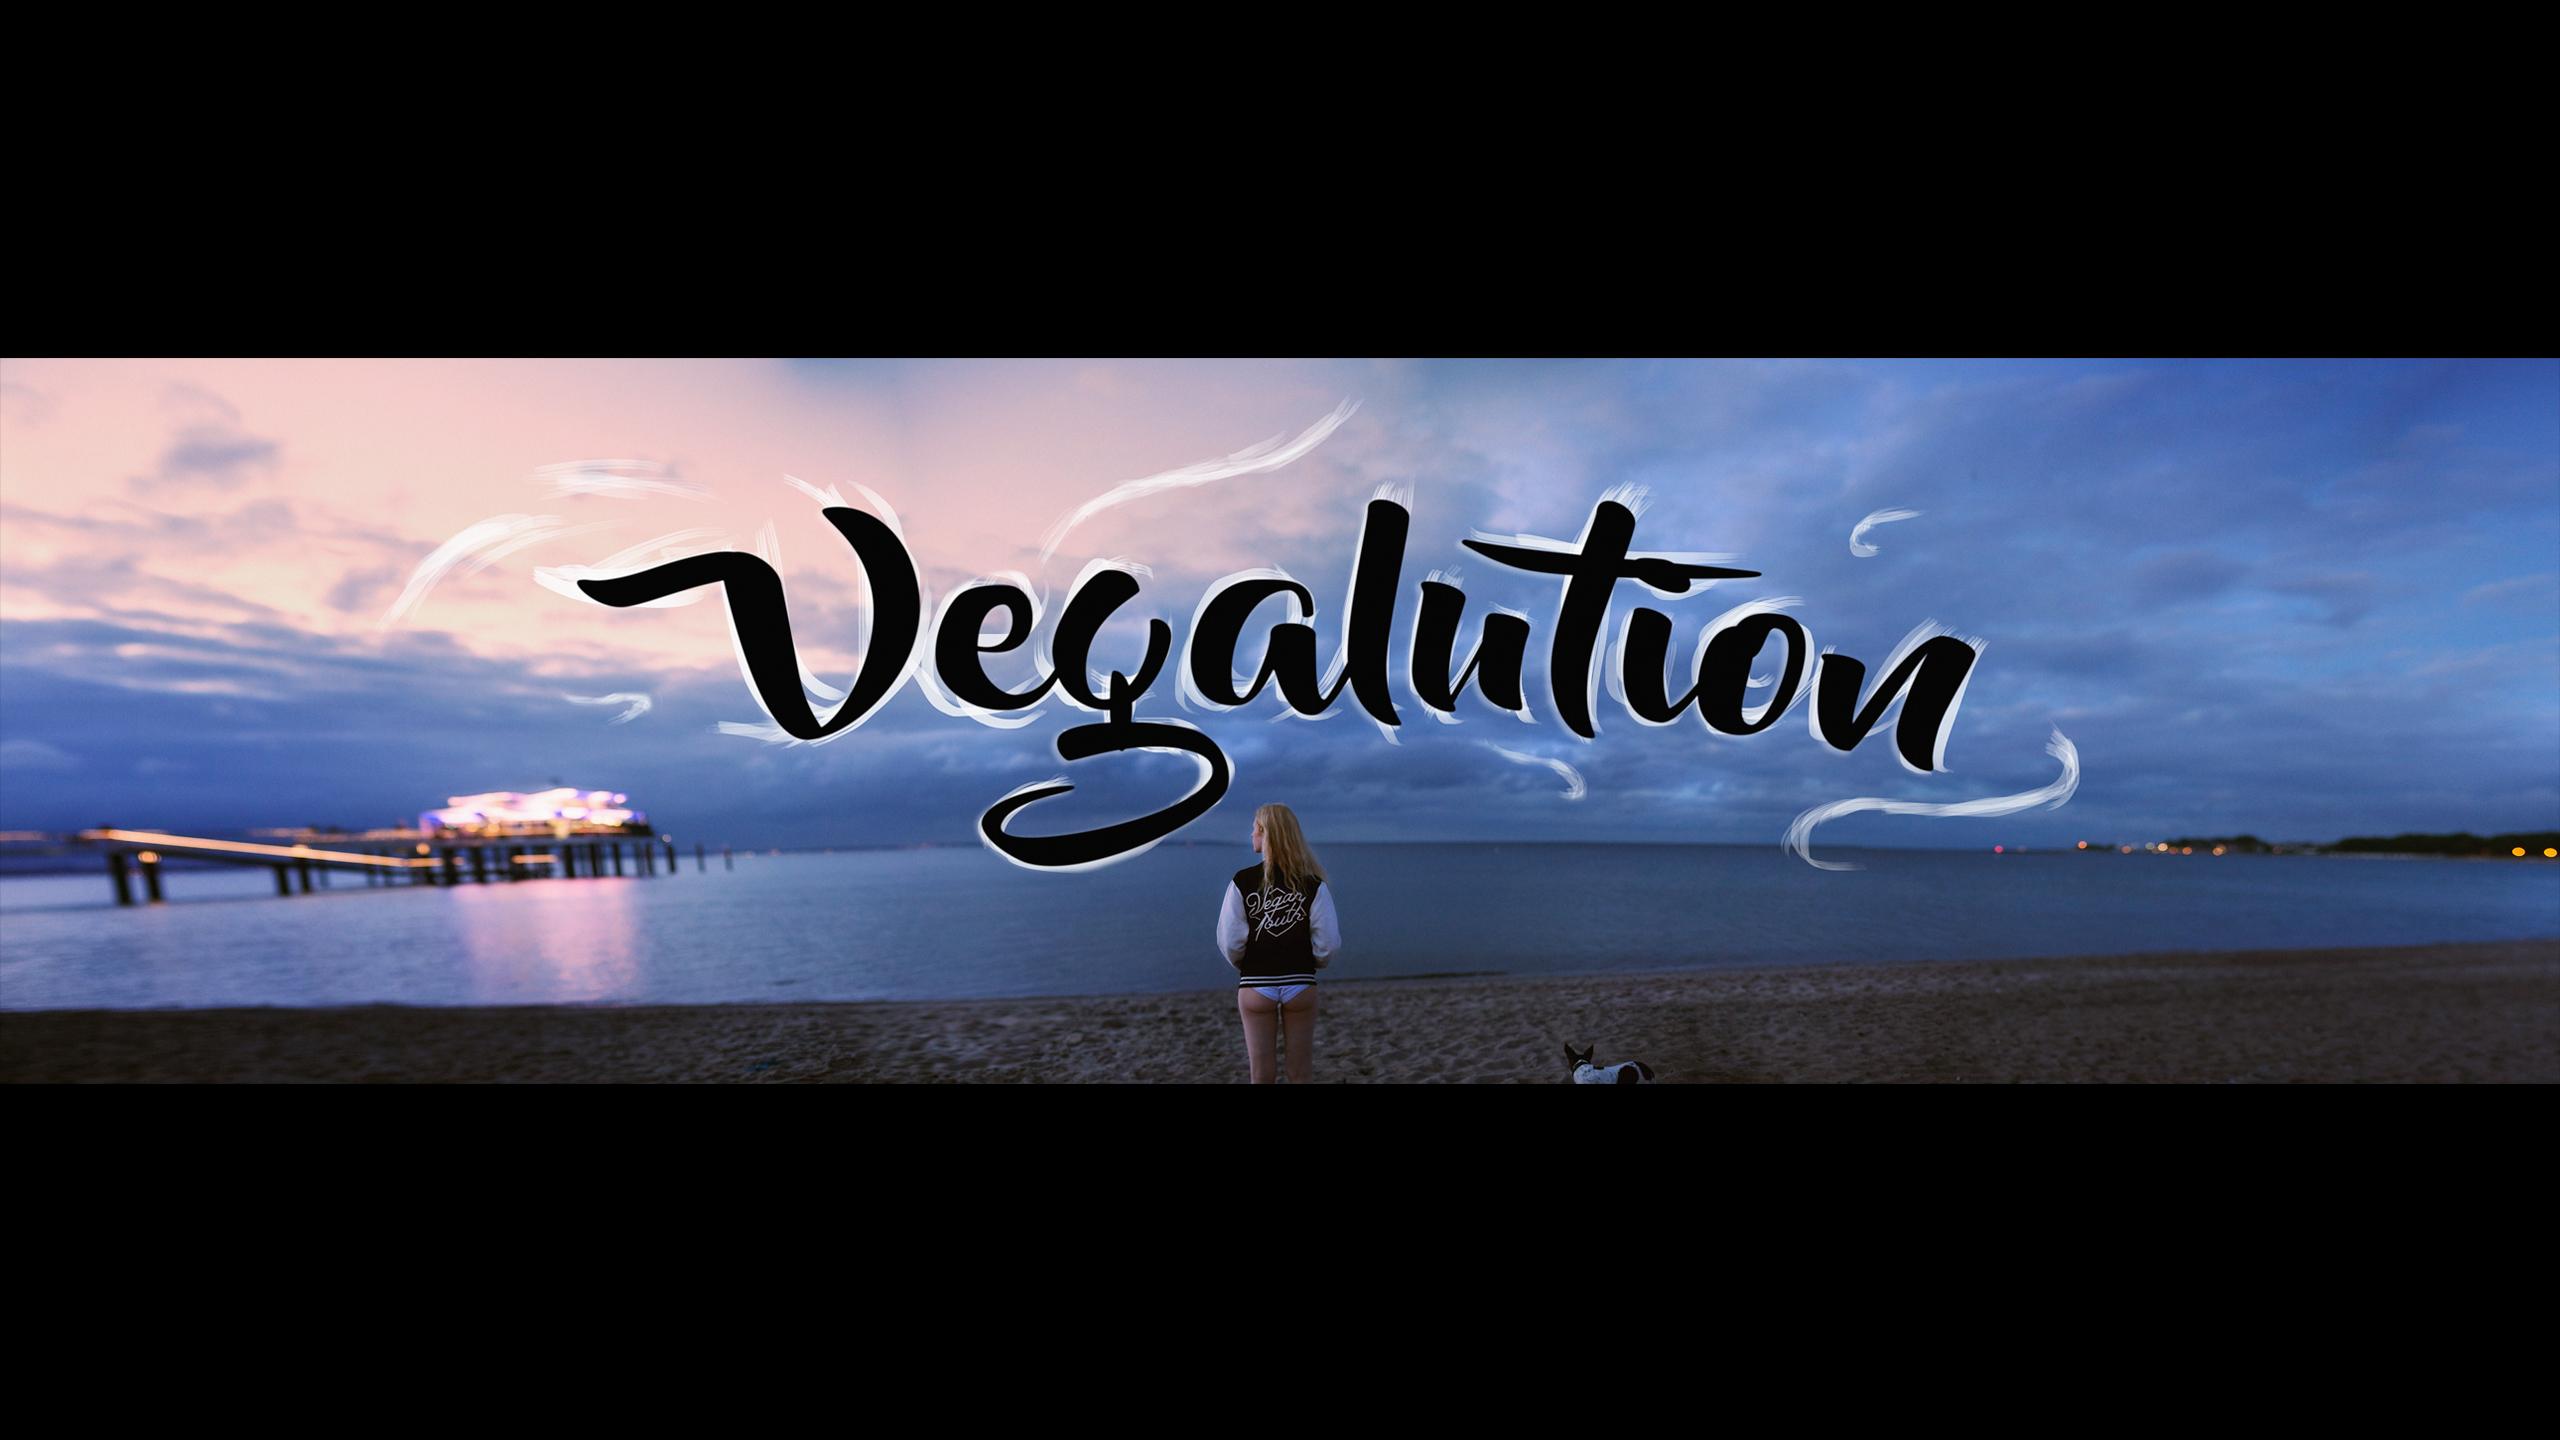 Vegalution_titelbild_2punkt0